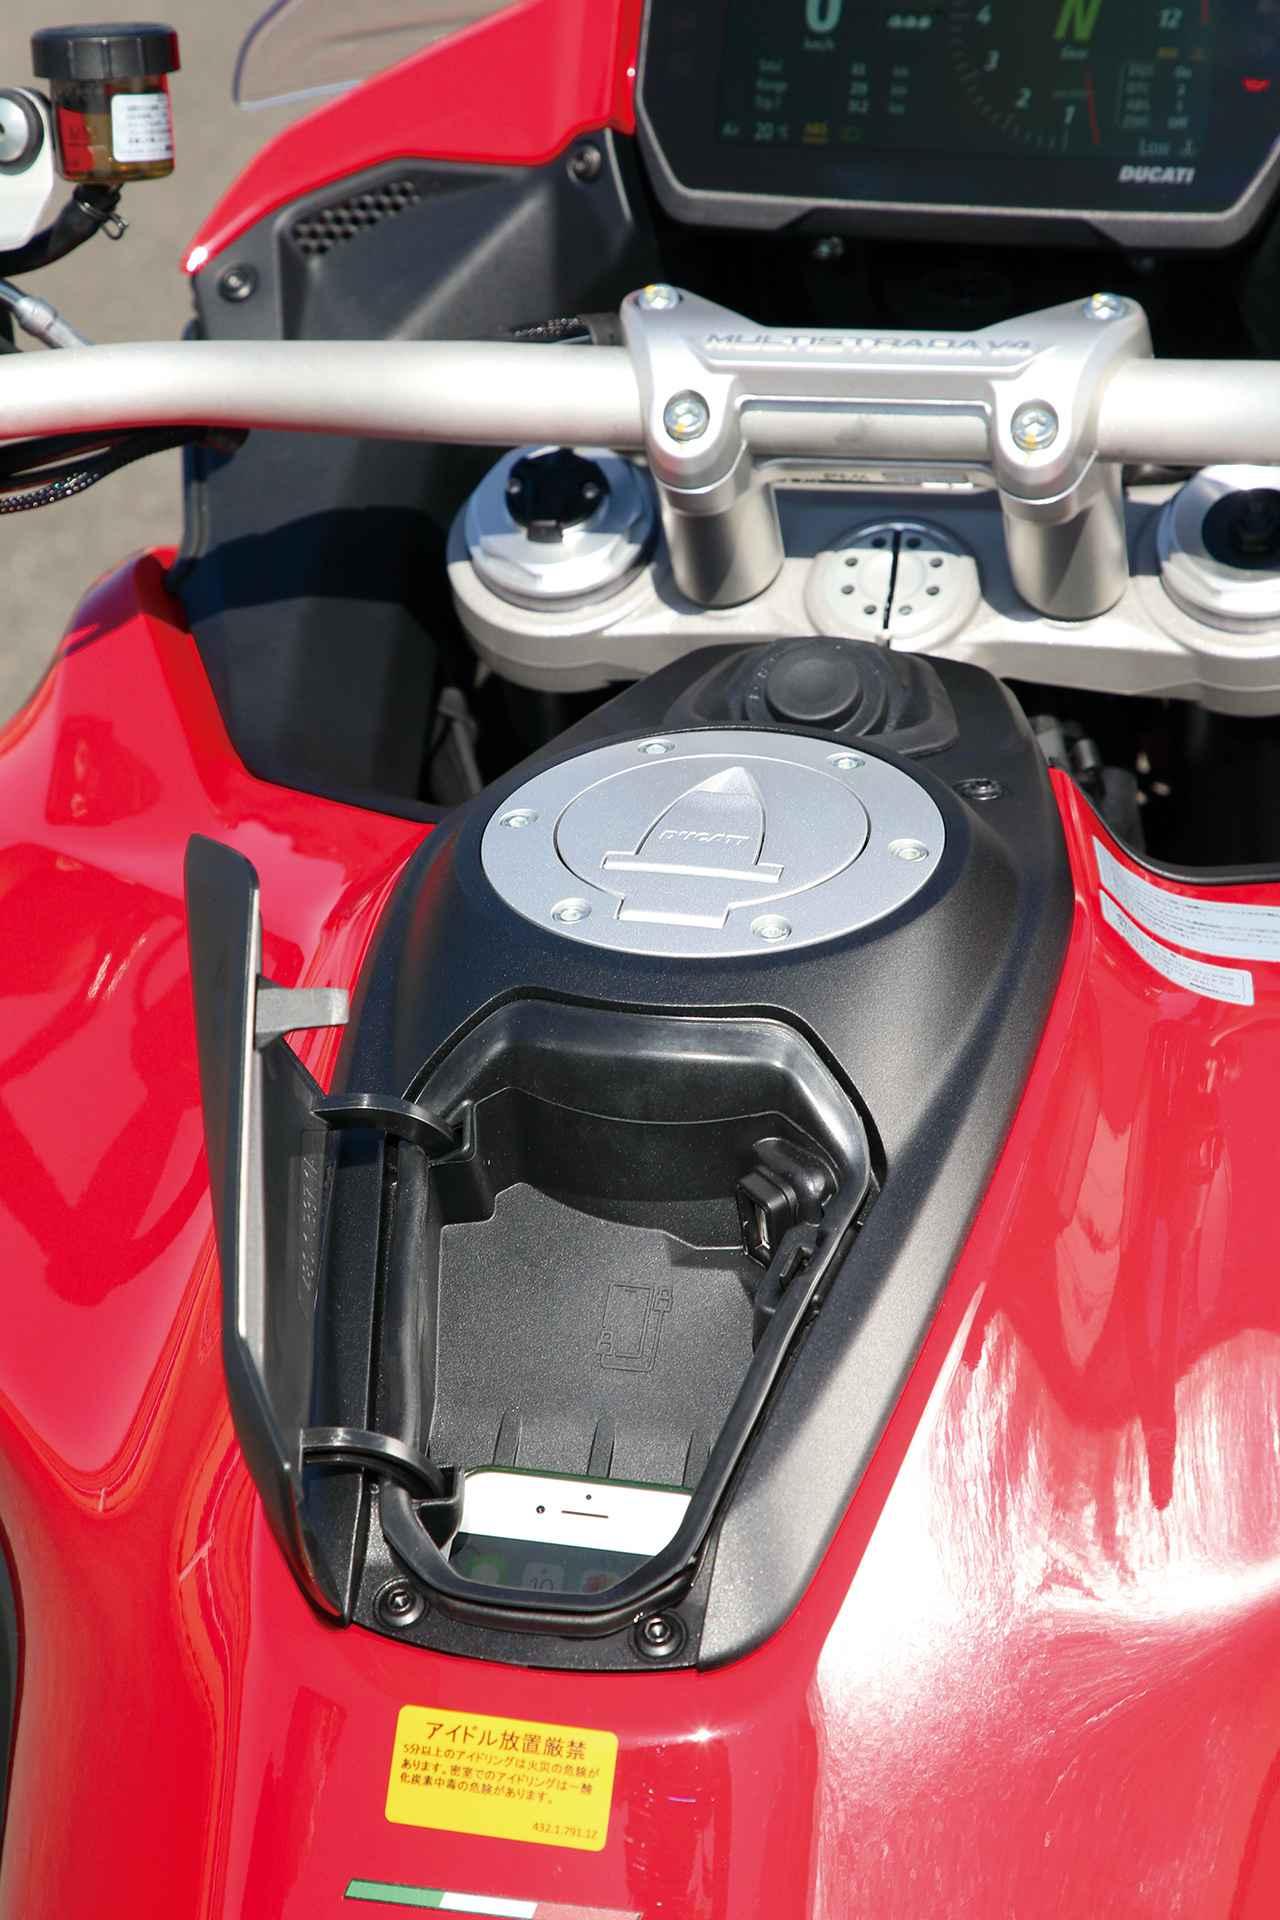 画像: タンクの給油口の直後に開閉式のコンパートメントを用意。USBポートも備え、スマートフォンを収納しながら充電することも可能だ。